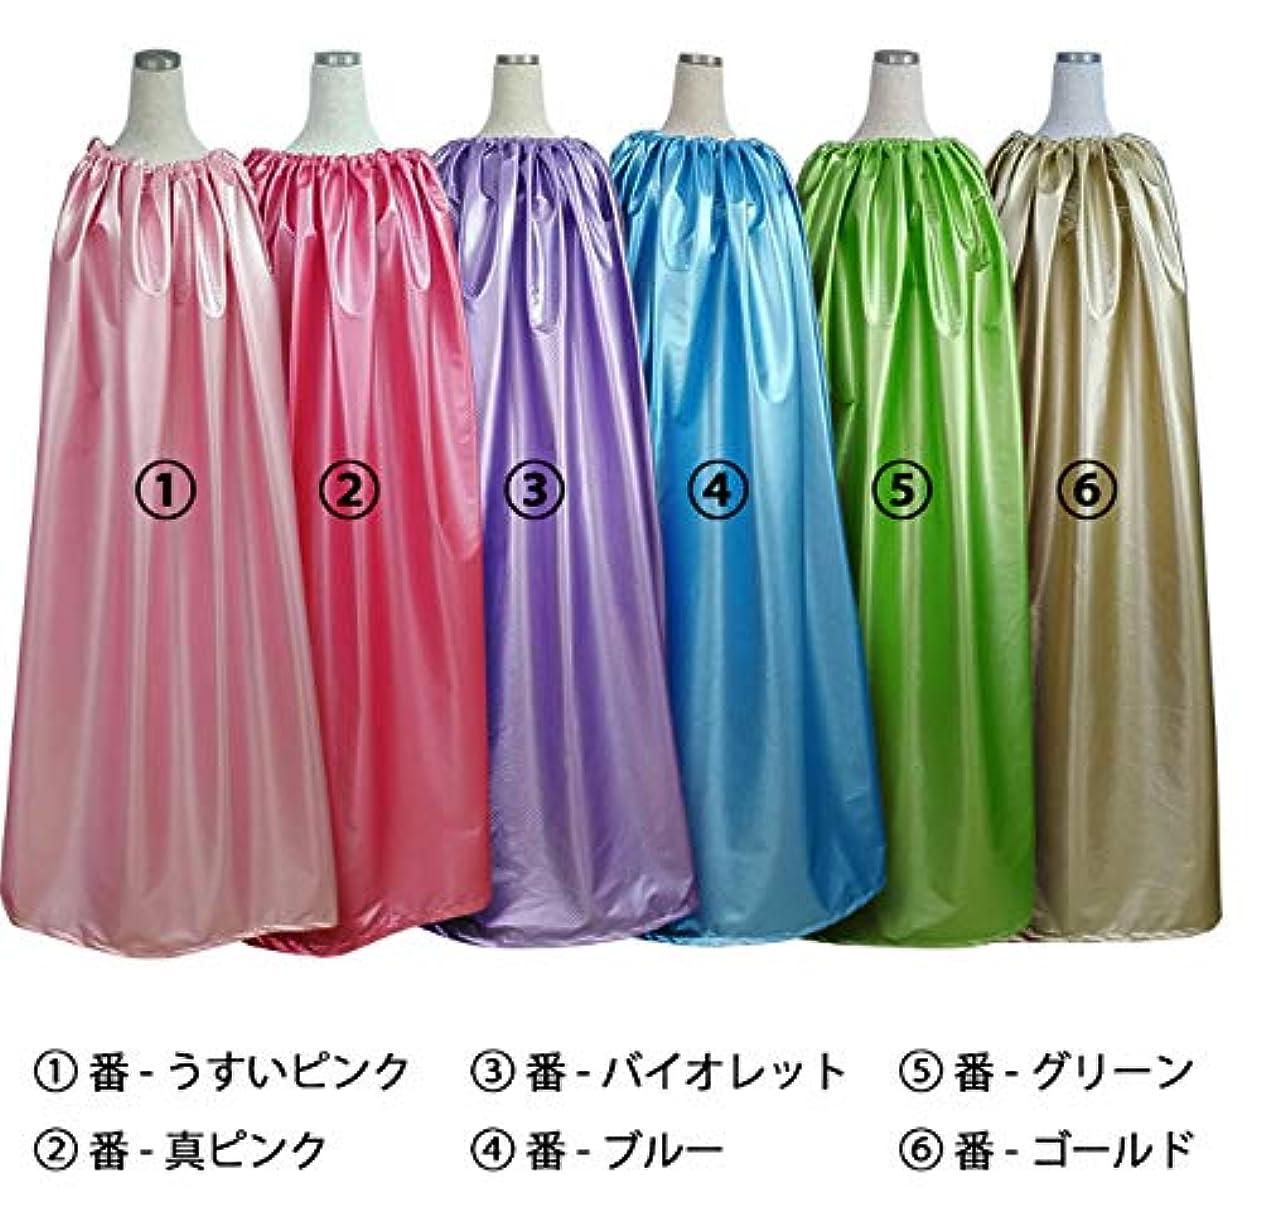 法律により完璧なピストルヨモギ蒸し服、よもぎ蒸しマント可愛い色、色選択必要です一枚